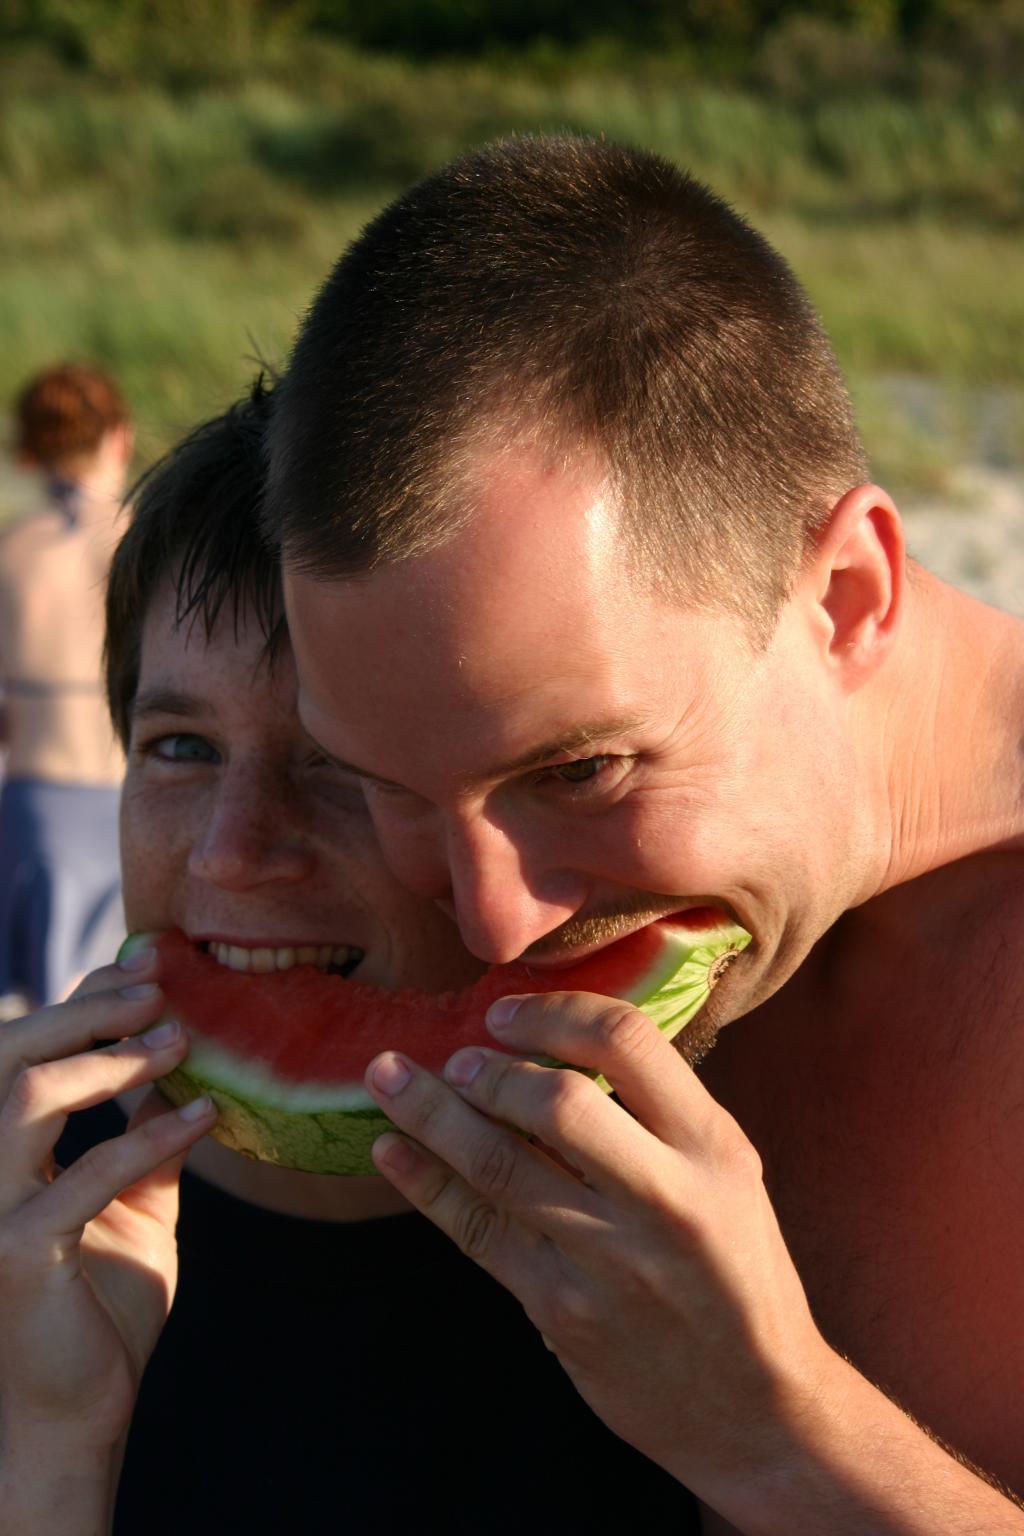 wassermelone beim abnehmen